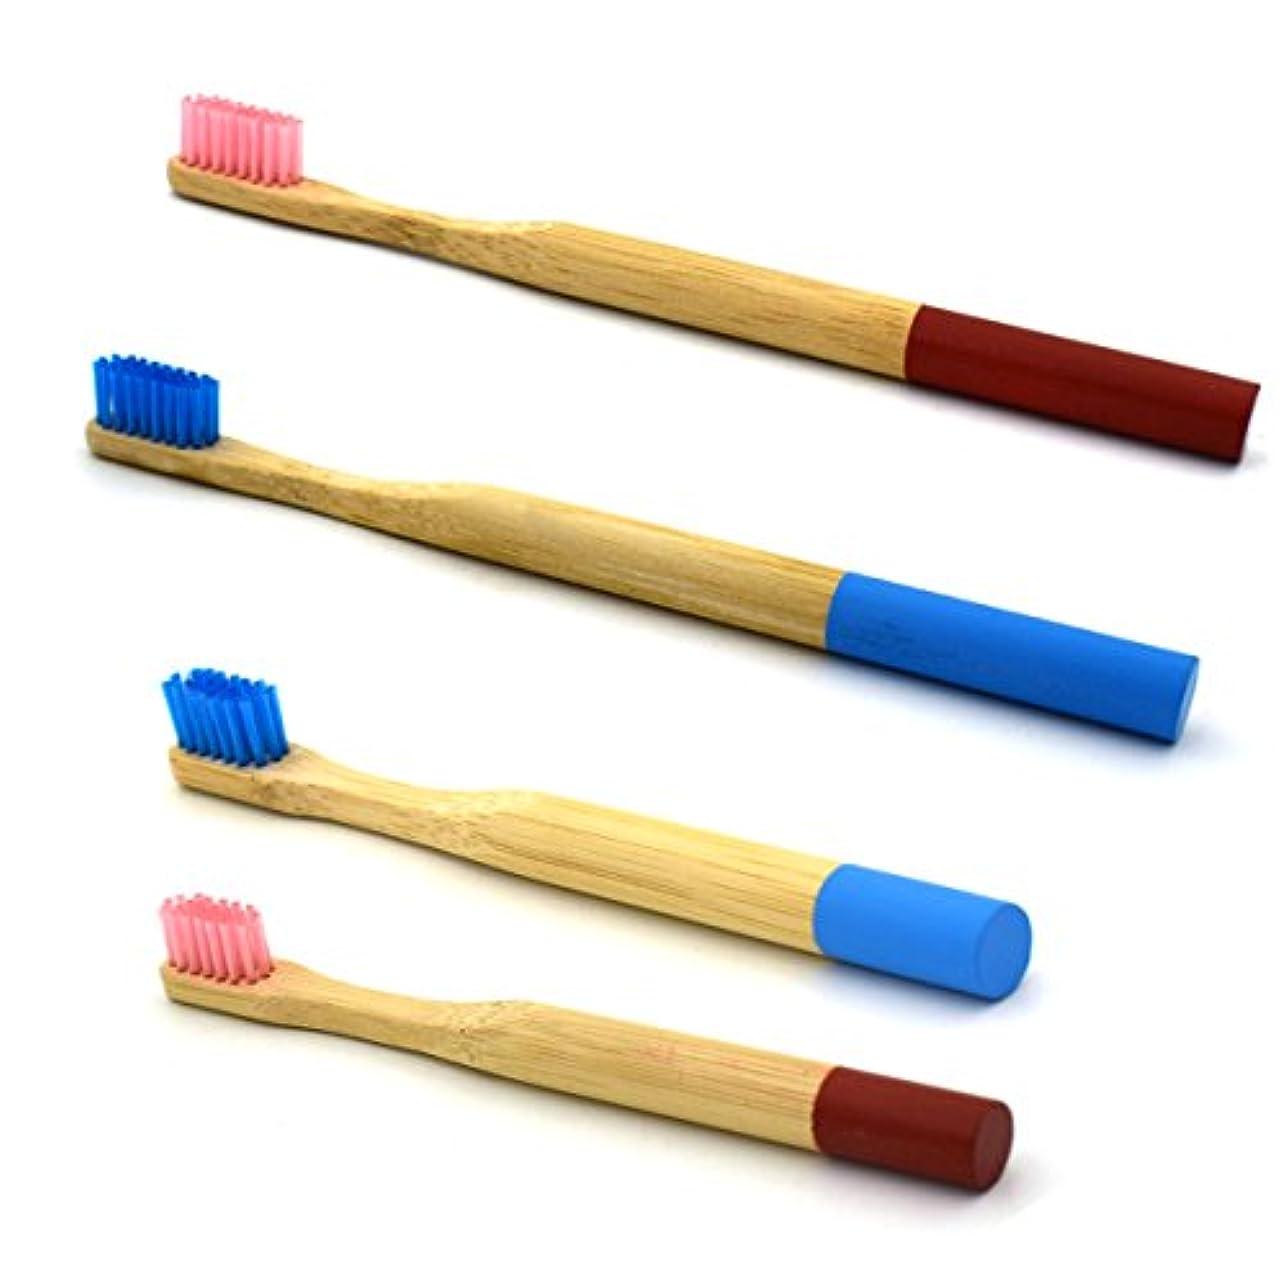 処理びっくりしたキャンドルROSENICE 2組 竹の歯ブラシ 自然な竹エコフレンドリーな柔らかい毛の旅行の歯ブラシ(青+ピンク)